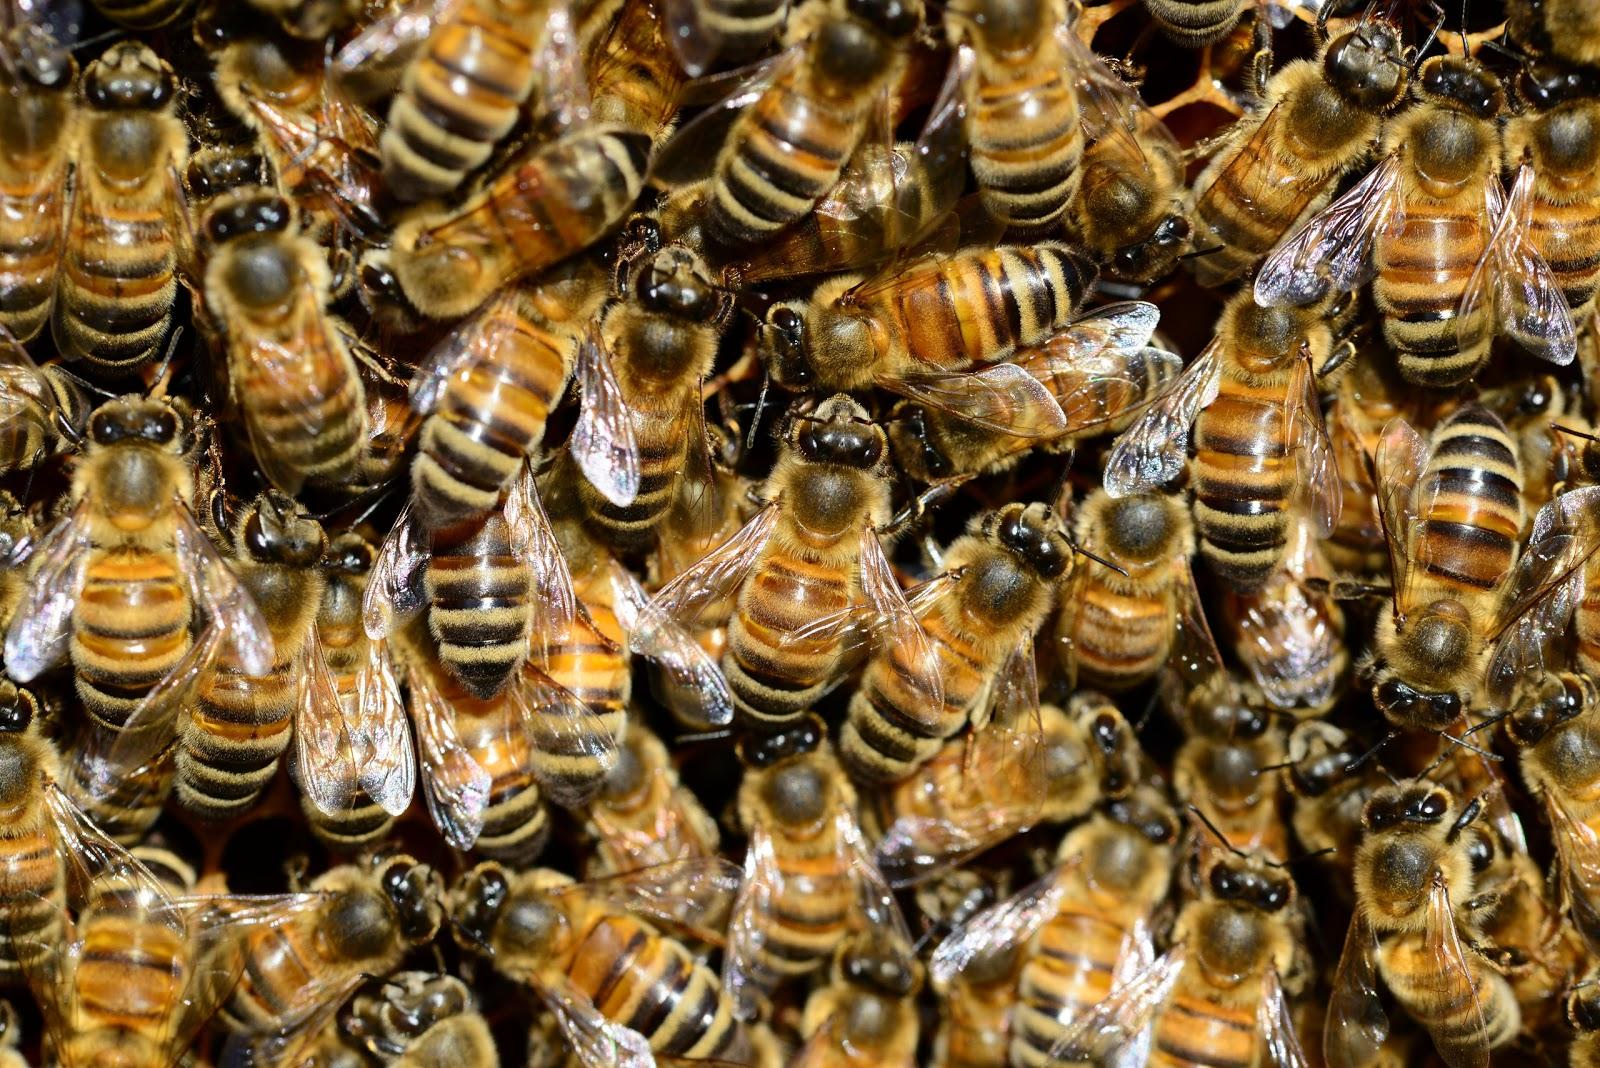 巣にびっしり集まった蜜蜂の群れ